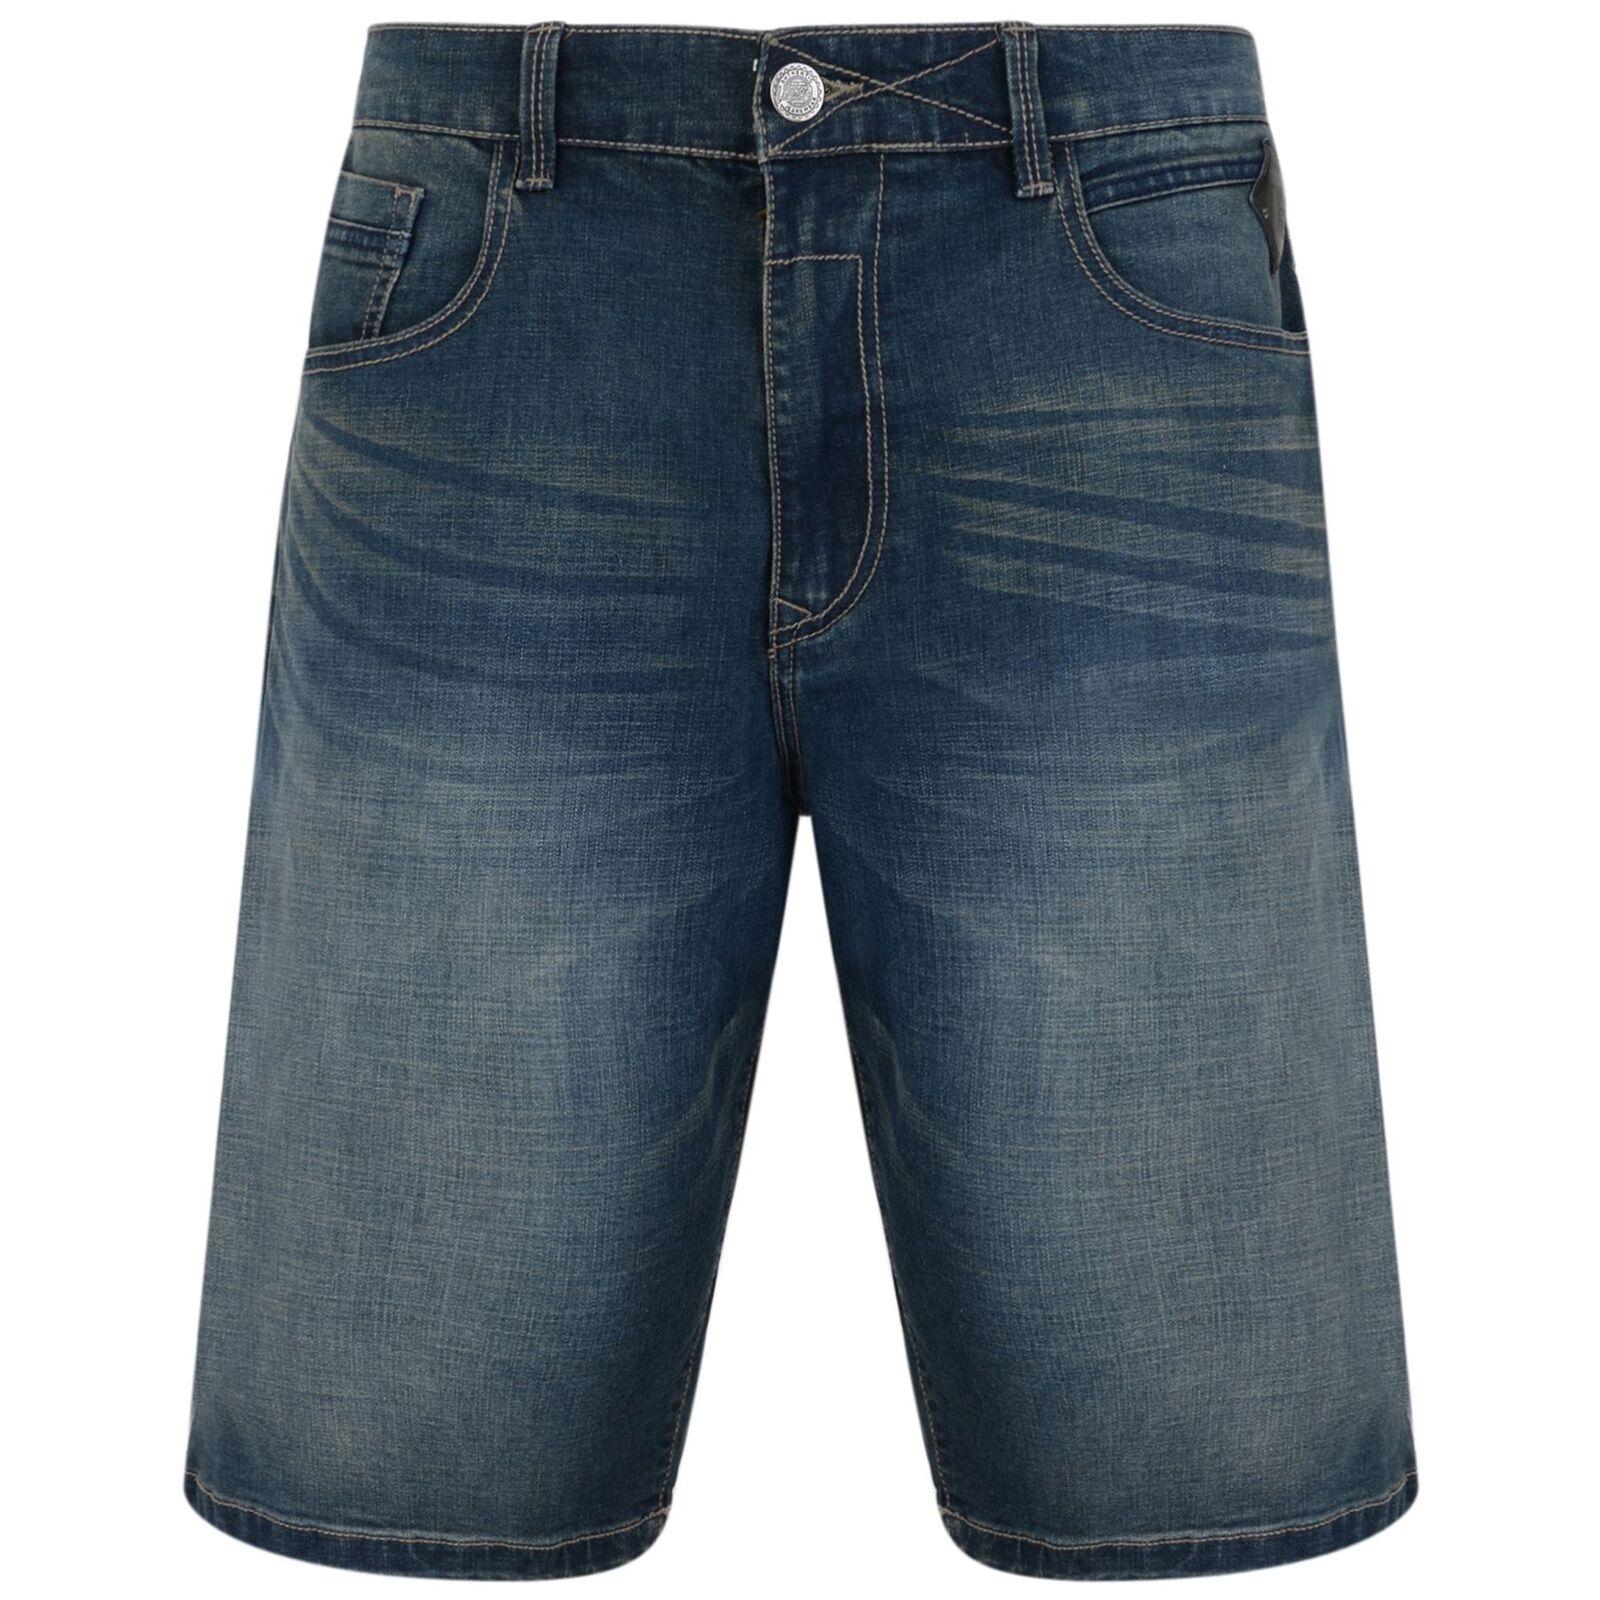 Kam Pantaloncini In Denim Stretch Da Uomo Sergio Sergio Sergio (2) in lavaggio scuro 6041c8